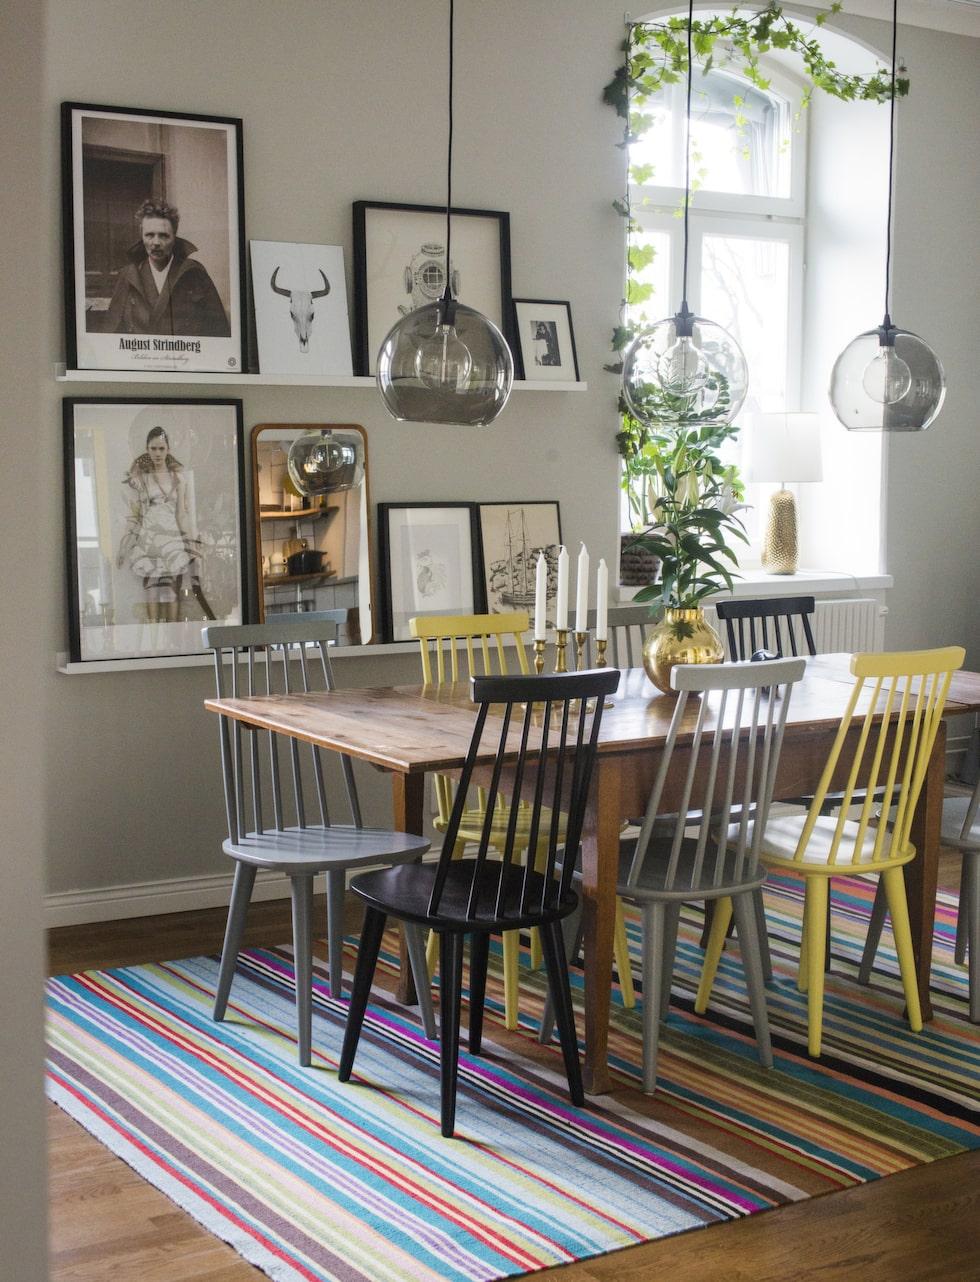 Matplatsen. Bordet är gammalt och ska bytas ut mot ett större. Stolarna är köpta på Käkeläs möbler i Västerås. Lampor från Ikea och randig matta från Linie design.